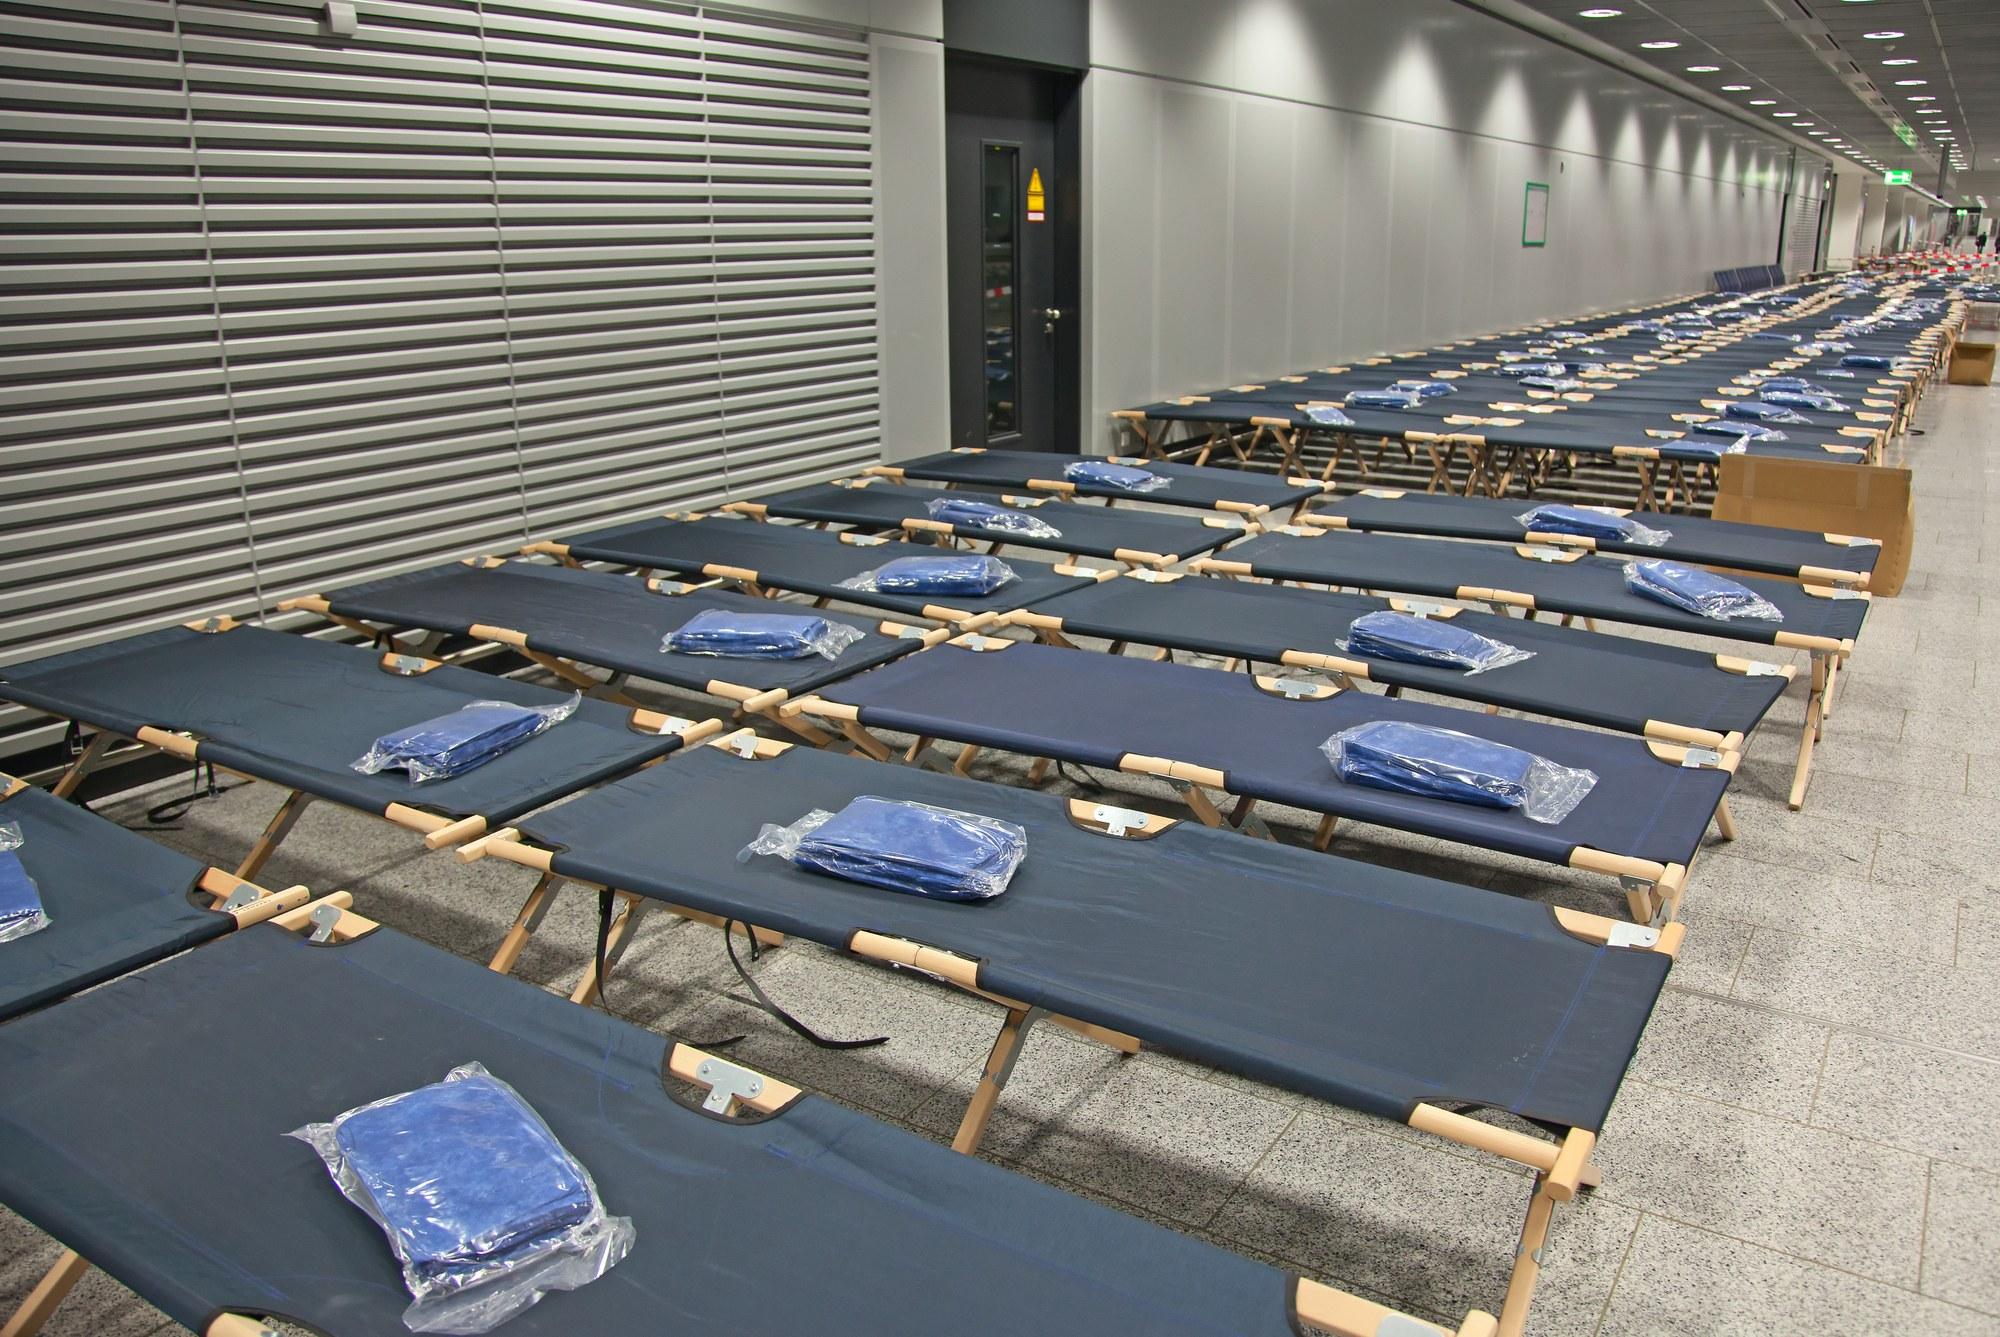 geflüchtetenunterkunft, flüchtlingsunterkunft, bewachung, sicherheitsdienst, asylheim, asylunterkunft, objektschutz und wachschutz frankfurt asb